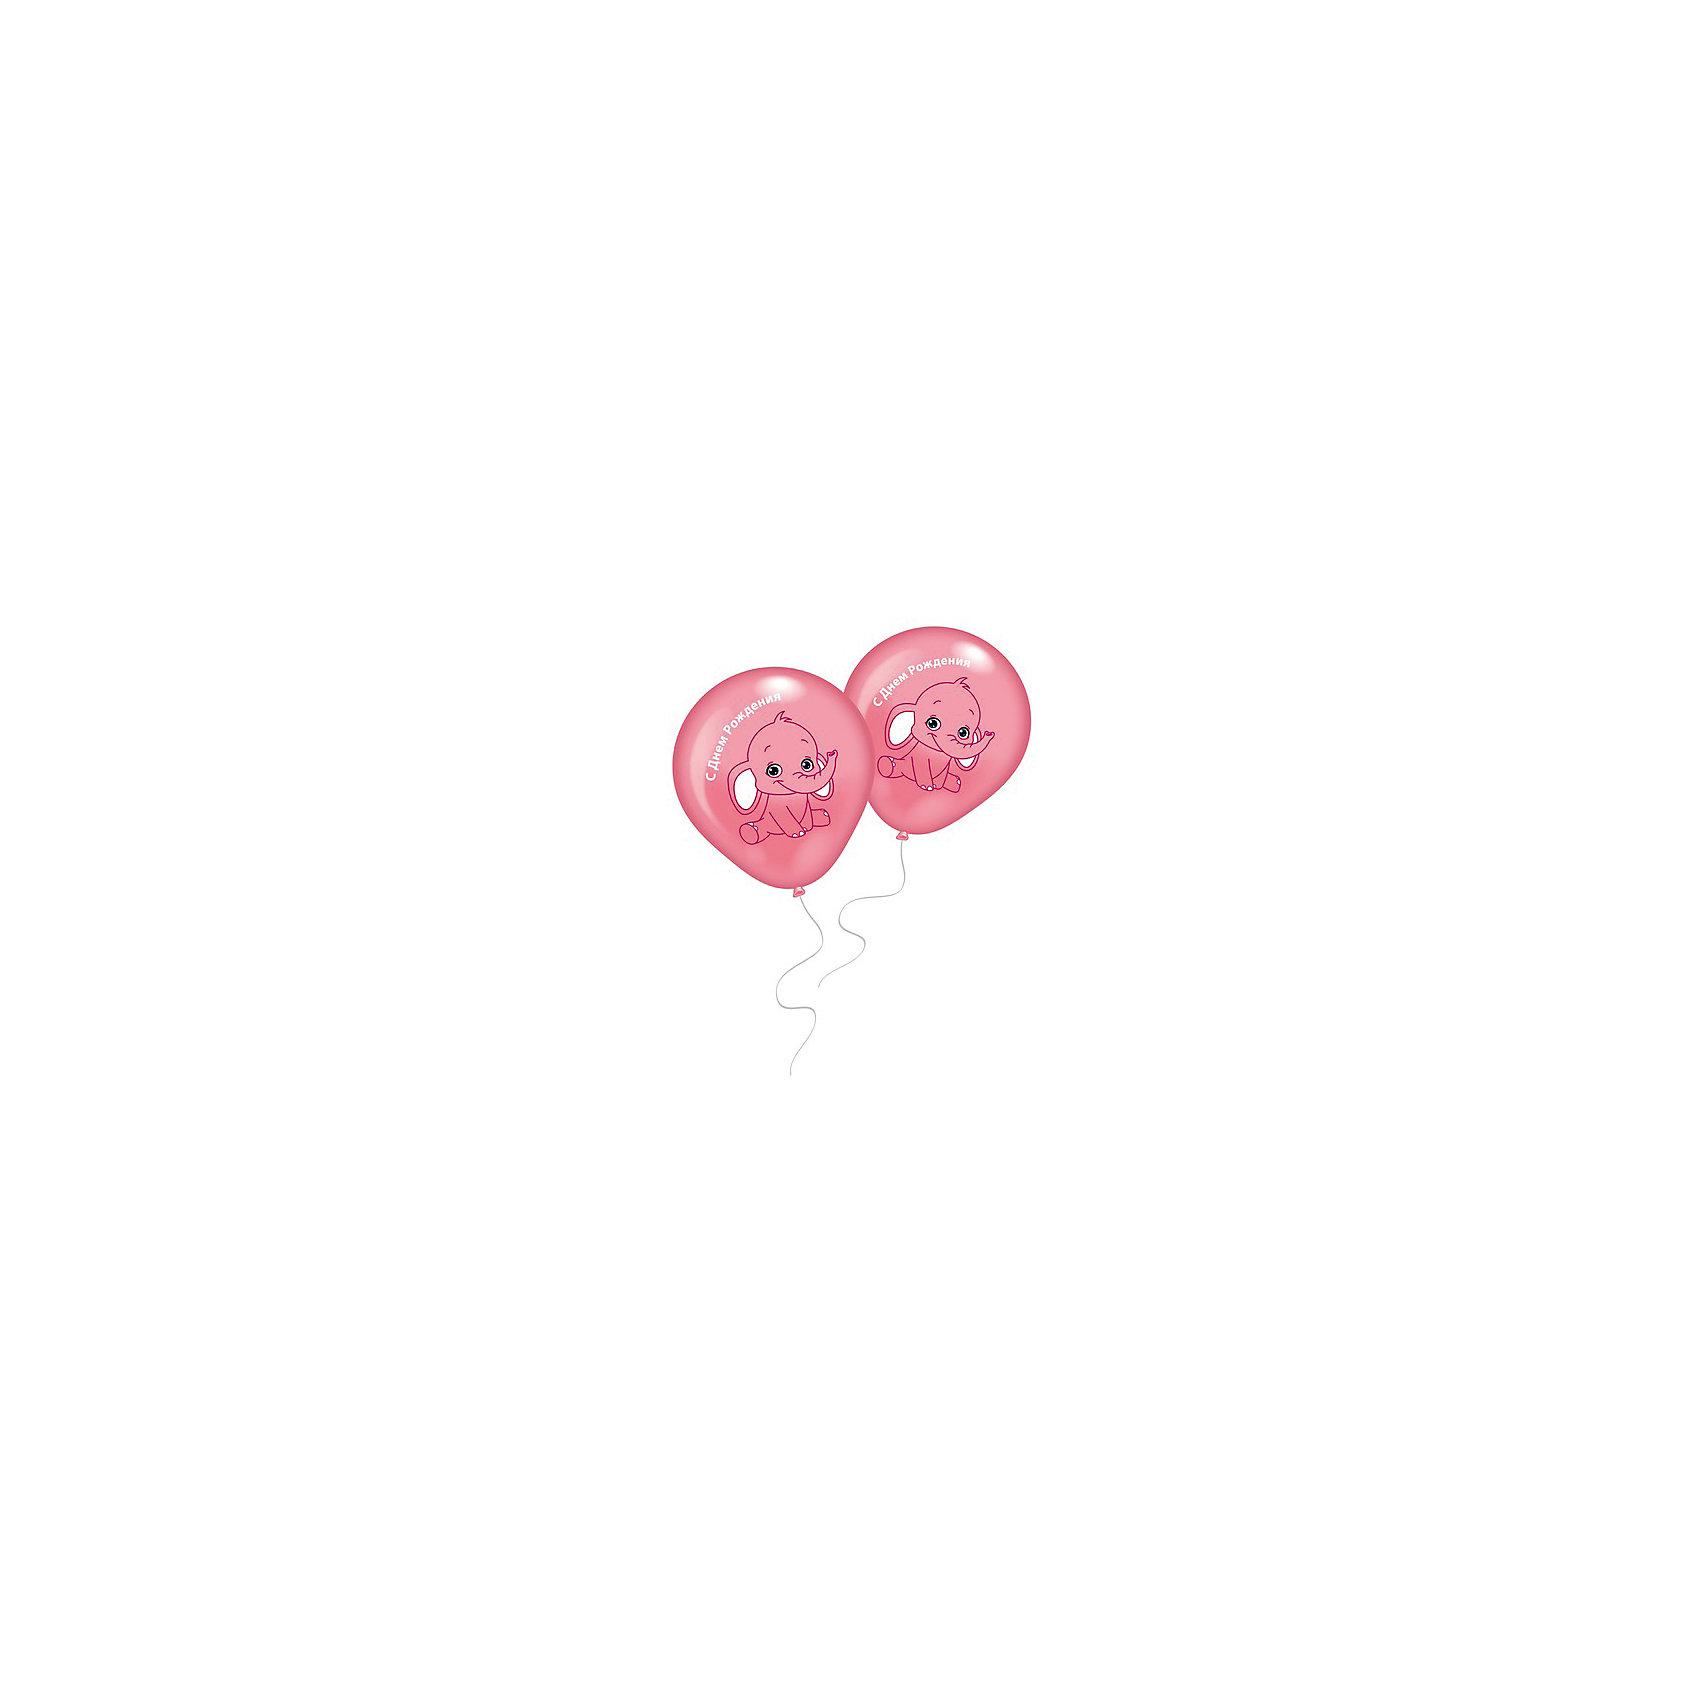 8 шариков с рисунком Розовый слоненокВсё для праздника<br>Характеристики товара:<br><br>• возраст: от 3 лет;<br>• упаковка: пакет;<br>• размер упаковки: 20х12х1 см.;<br>• количество шаров: 8 шт.;<br>• цвет: розовый;<br>• состав: латекс 100%;<br>• бренд, страна: Everts, Россия;<br>• страна-производитель: США.<br><br>Набор из 8 шаров с рисунком «Розовый слоненок» и надписью «С днем рождения» помогут ярко украсить комнату и подарят заряд радости и позитива всем гостям вашего торжества.<br><br>Насыщенный цвет, легкое надувание и высококачественные материалы выгодно отличают их среди других праздничных аксессуаров. Вы можете надувать шарики самостоятельно или воспользоваться насосом от Everts, который быстро справится с задачей. <br><br>8 шаров «Розовый слоненок»,  Everts (Эвертс)  можно купить в нашем интернет-магазине.<br><br>Ширина мм: 120<br>Глубина мм: 200<br>Высота мм: 10<br>Вес г: 10<br>Возраст от месяцев: 36<br>Возраст до месяцев: 120<br>Пол: Унисекс<br>Возраст: Детский<br>SKU: 6912885